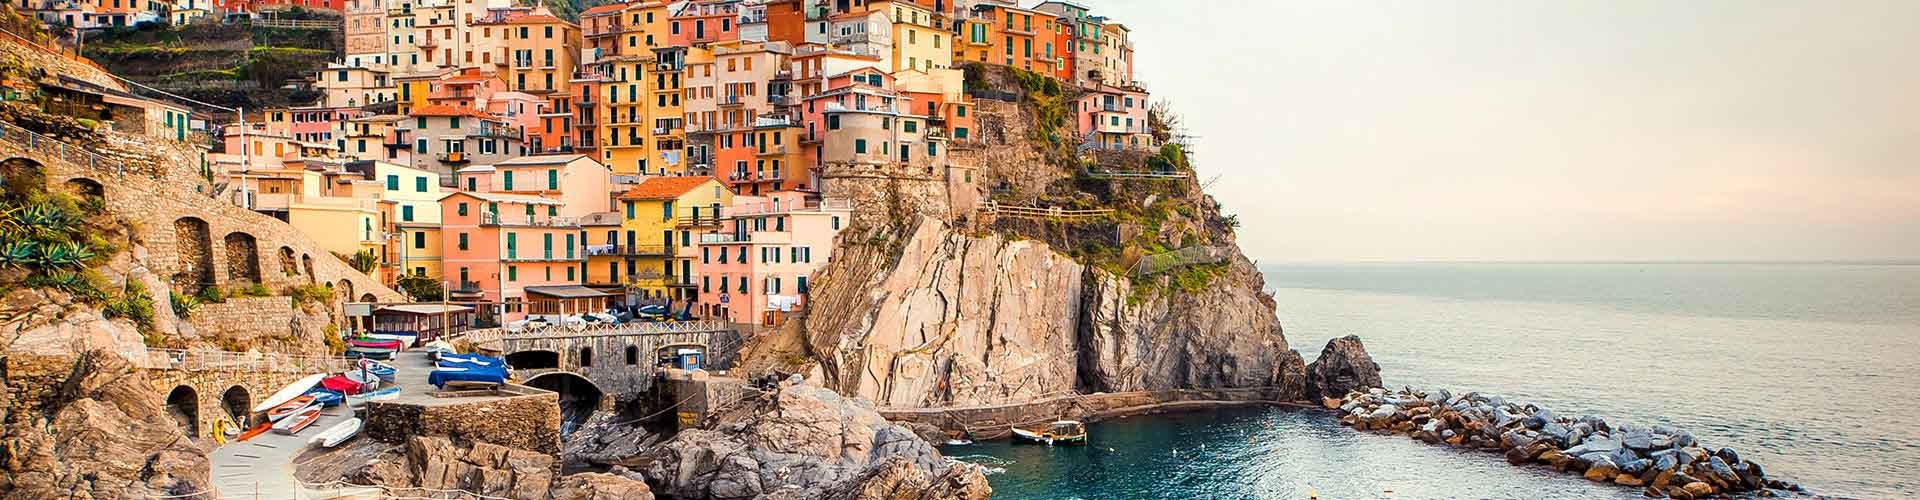 La Spezia - Hoteles baratos en La Spezia. Mapas de La Spezia, Fotos y comentarios de cada Hotel en La Spezia.